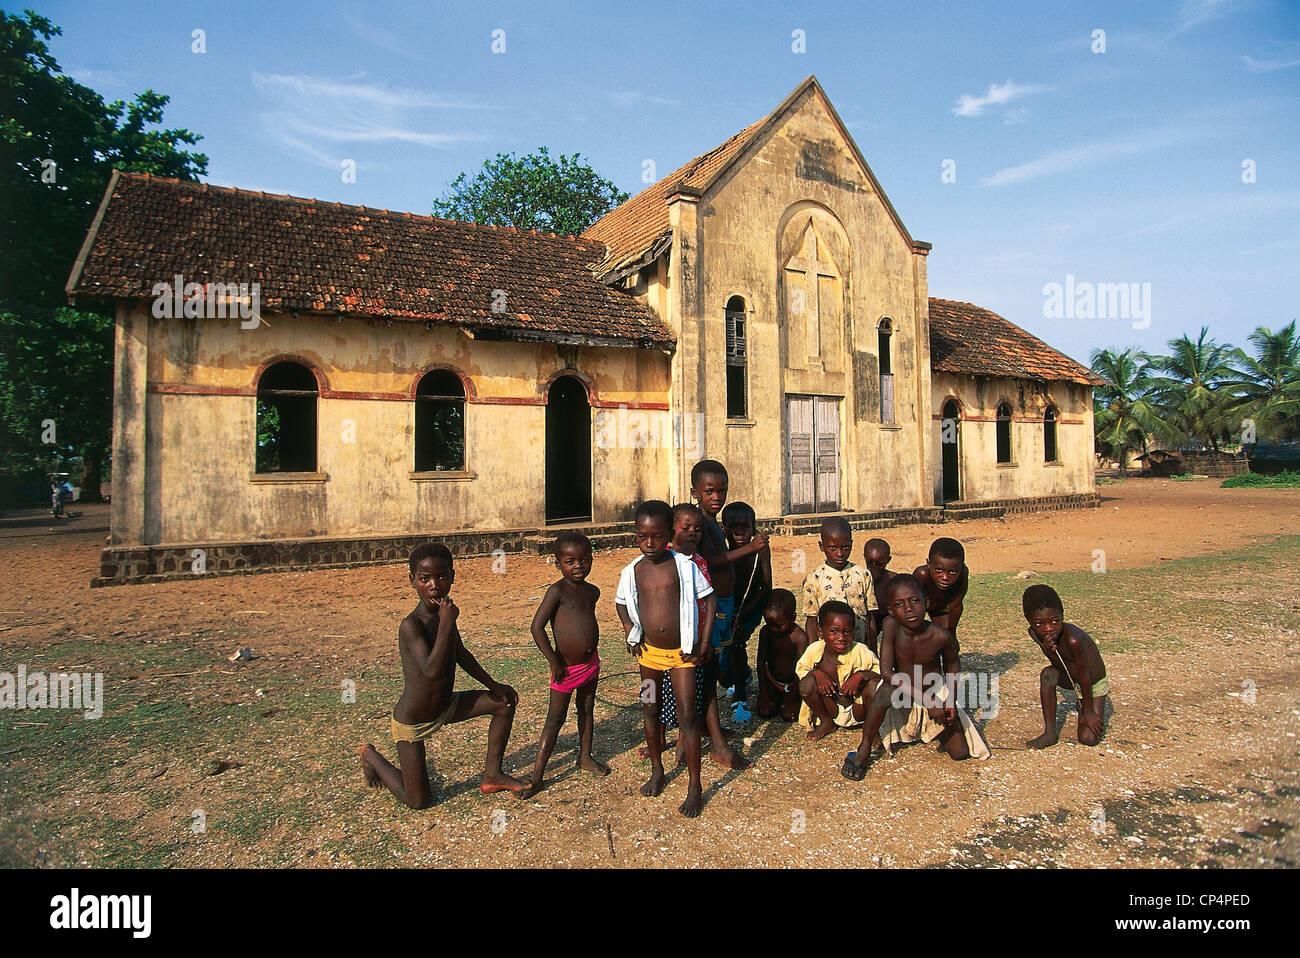 La Costa d Avorio - Grand-Lahou. I bambini al di fuori di una chiesa dell'epoca coloniale. Immagini Stock